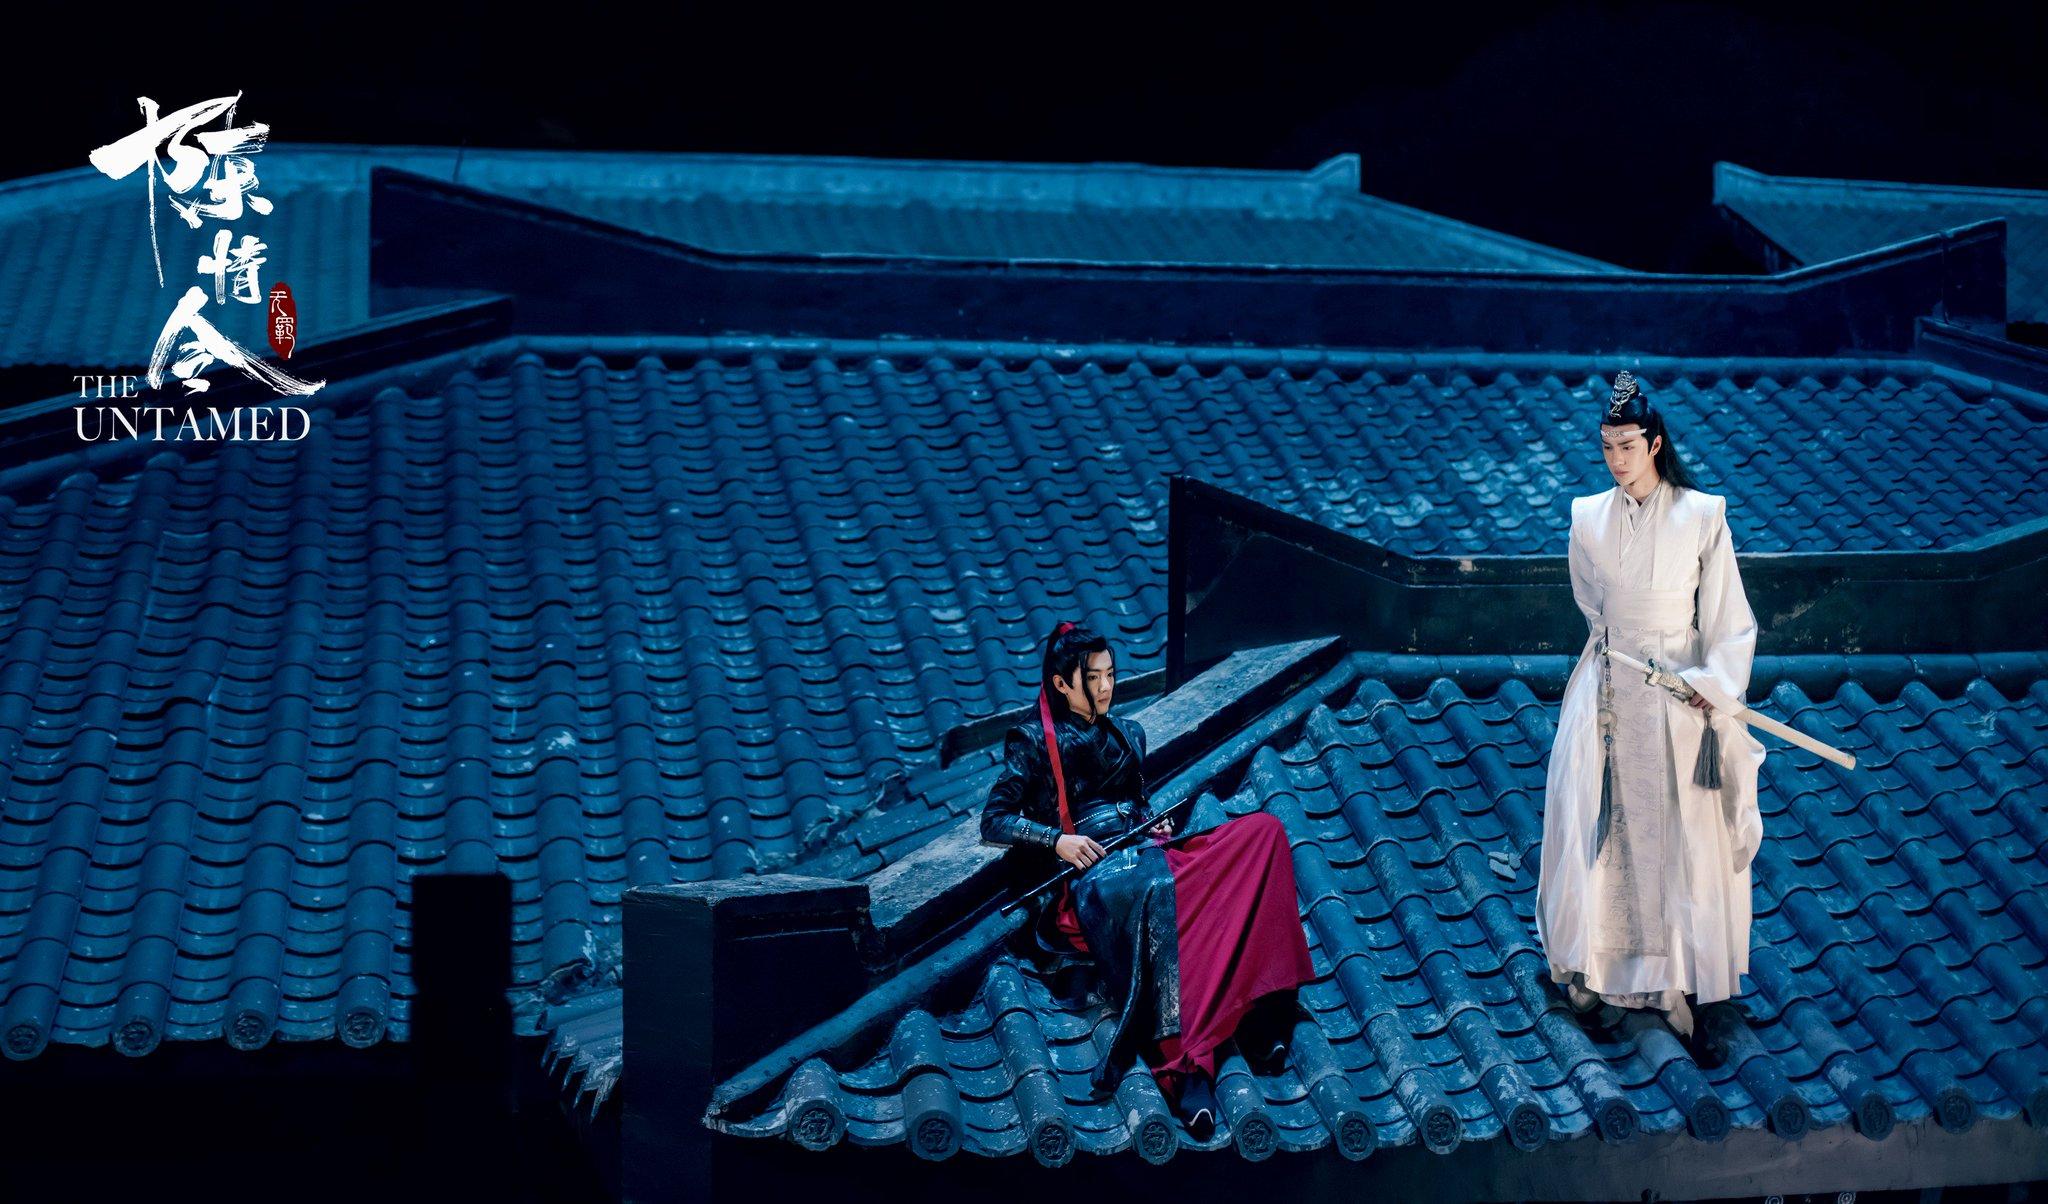 Lan Wangji Lan Zhan Wei Ying Wei Wuxian Xiao Zhan Wang Yibo 2048x1204